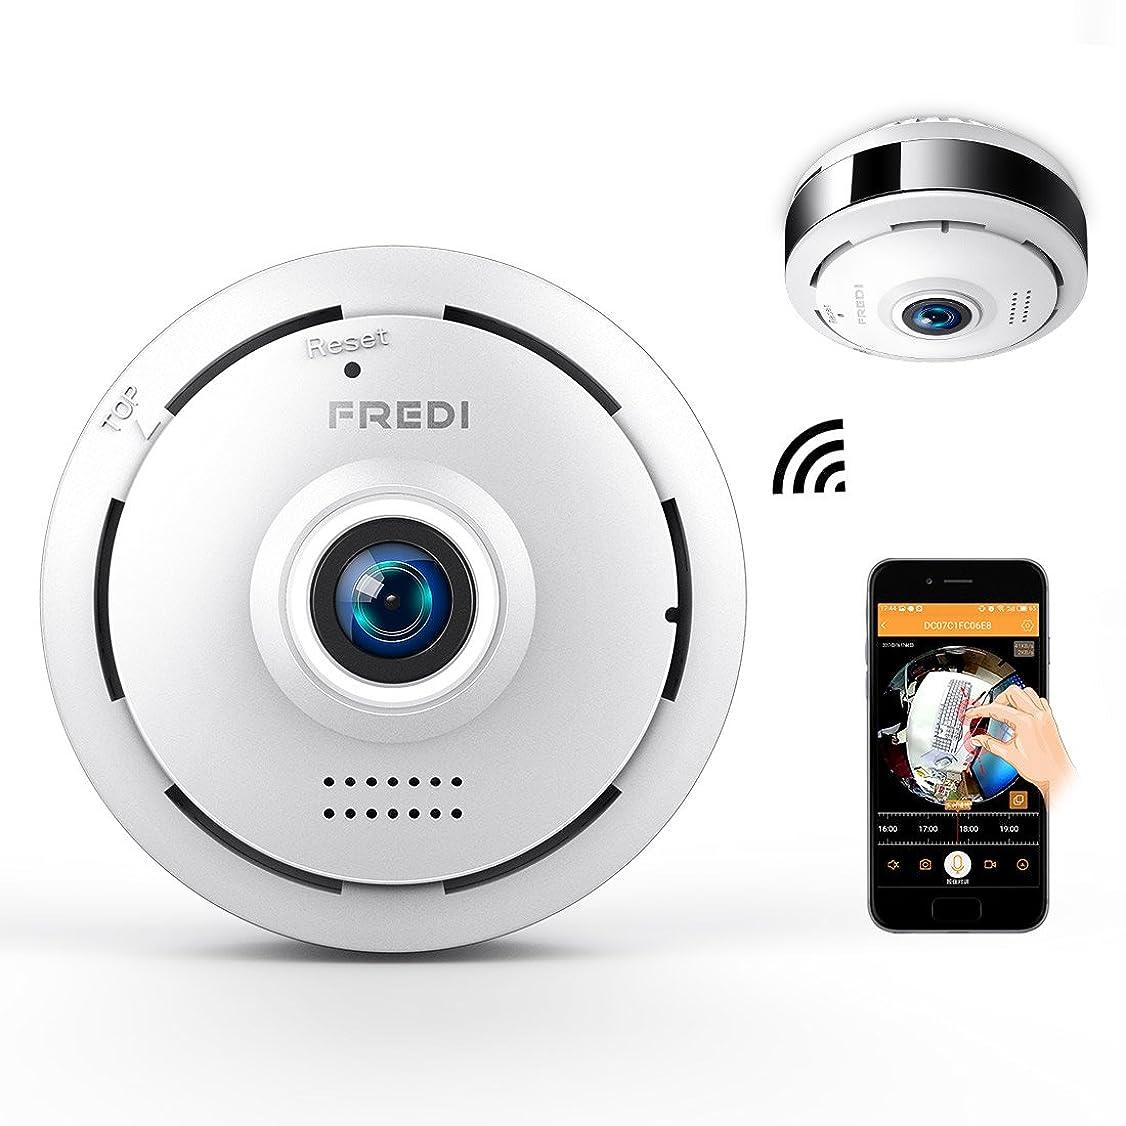 ソーススポンジ信頼できるFREDI 防犯カメラ レンズ角度360度 遠隔監視?操作 iPhone/Android 対応 高画質 ネットワークカメラ ワイヤレス 双方向会話 暗視 動作検知 上書き録画 監視カメラ 取付簡単 日本語説明書付き